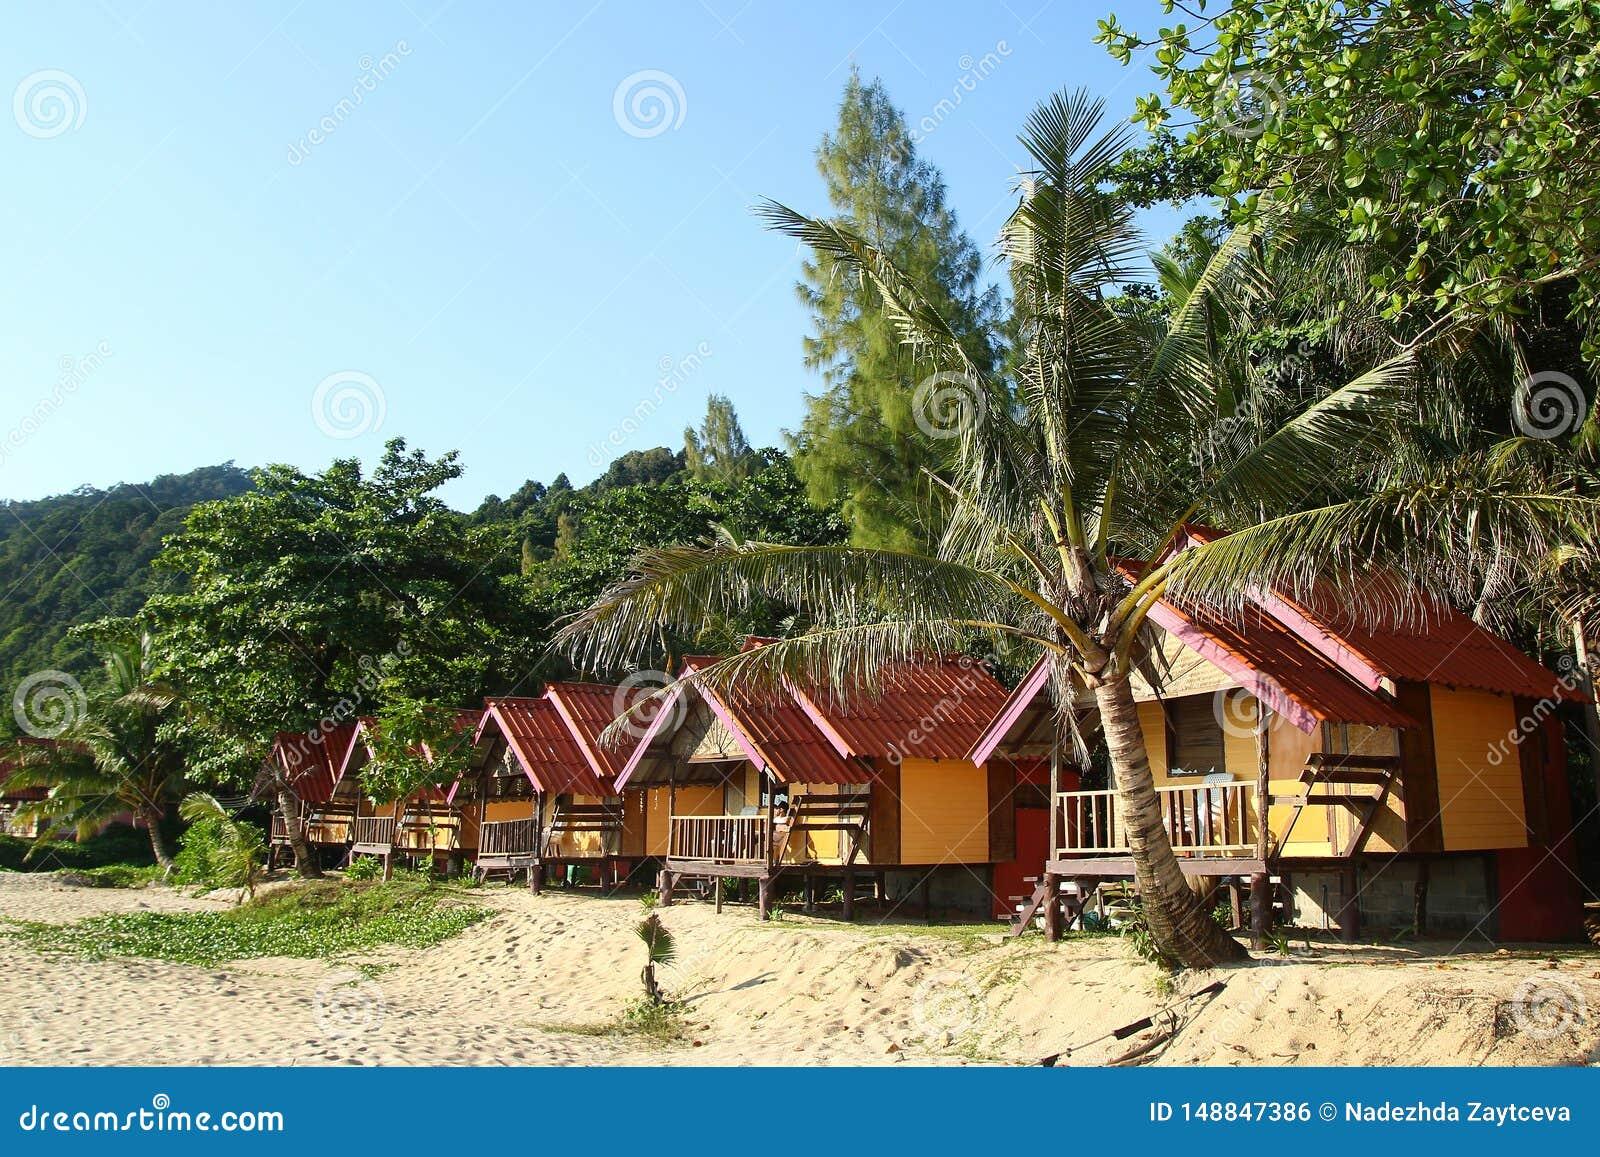 Vista nas casas de madeira pr?ximo ao mar entre palmeiras em um fundo da floresta ?mida